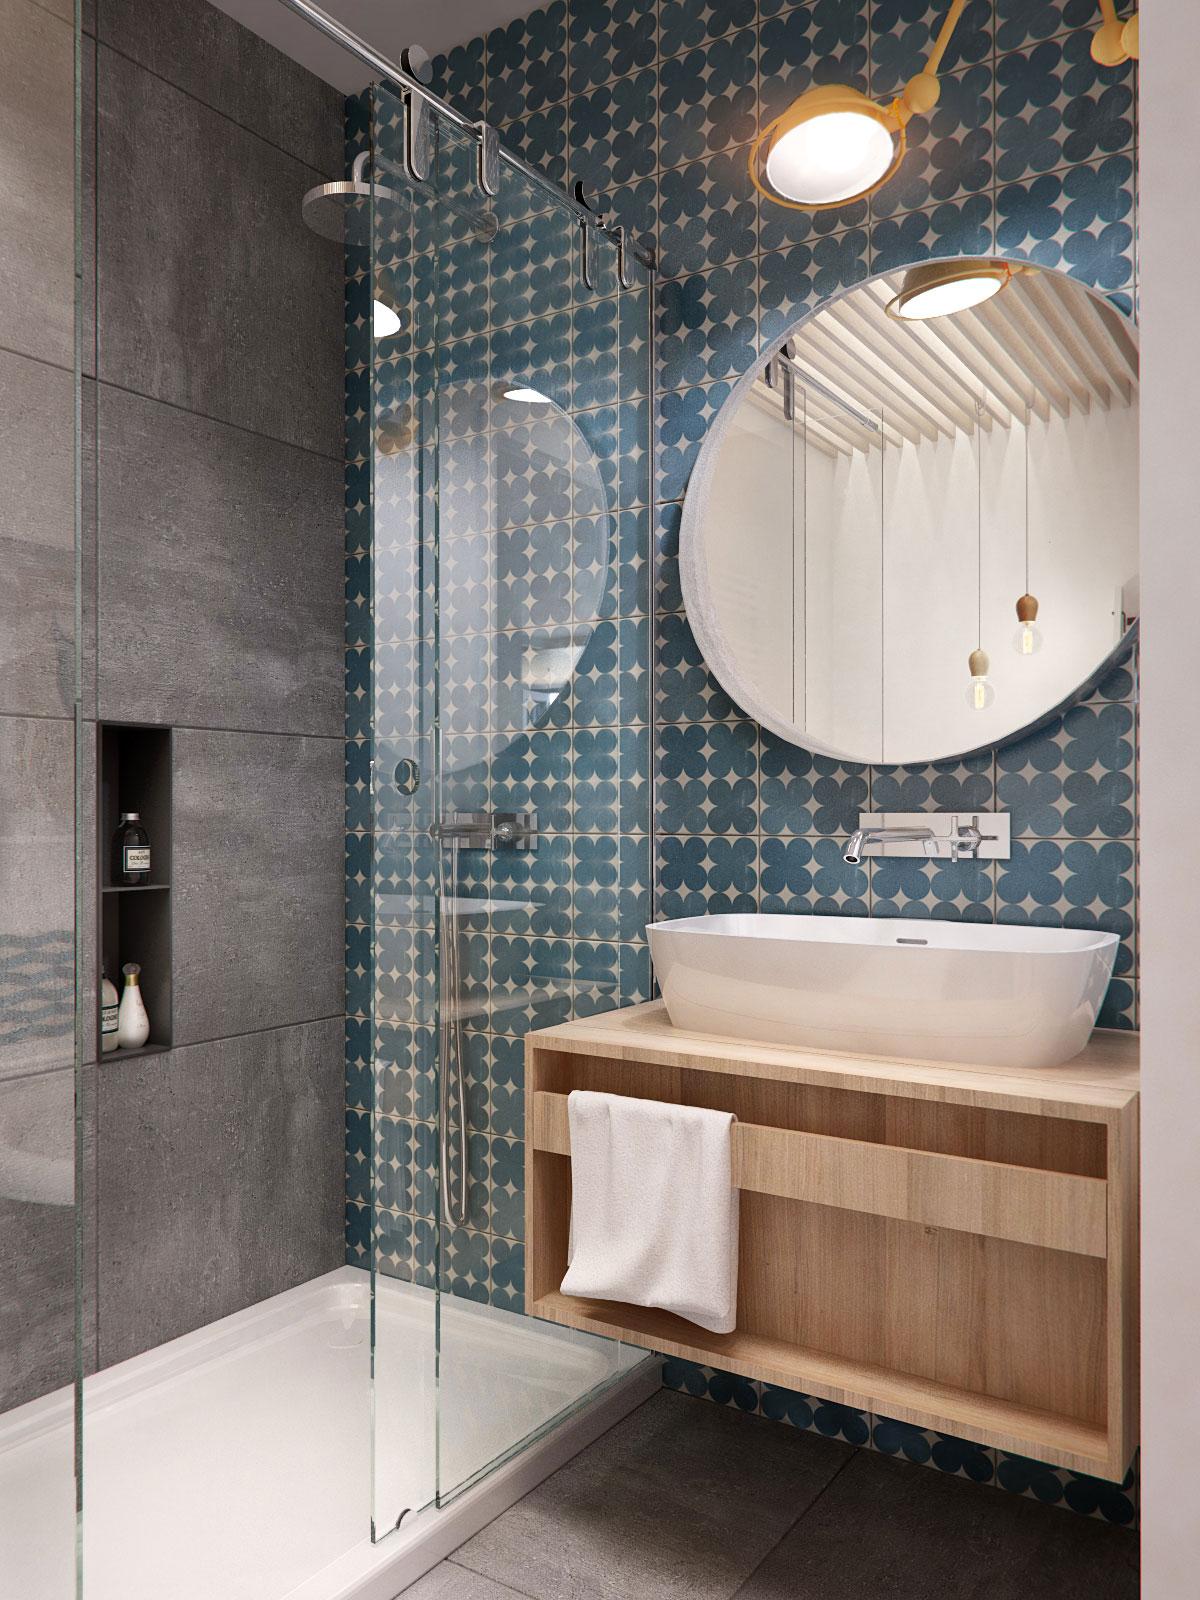 Серая однотонная и узорчатая плитка в ванной